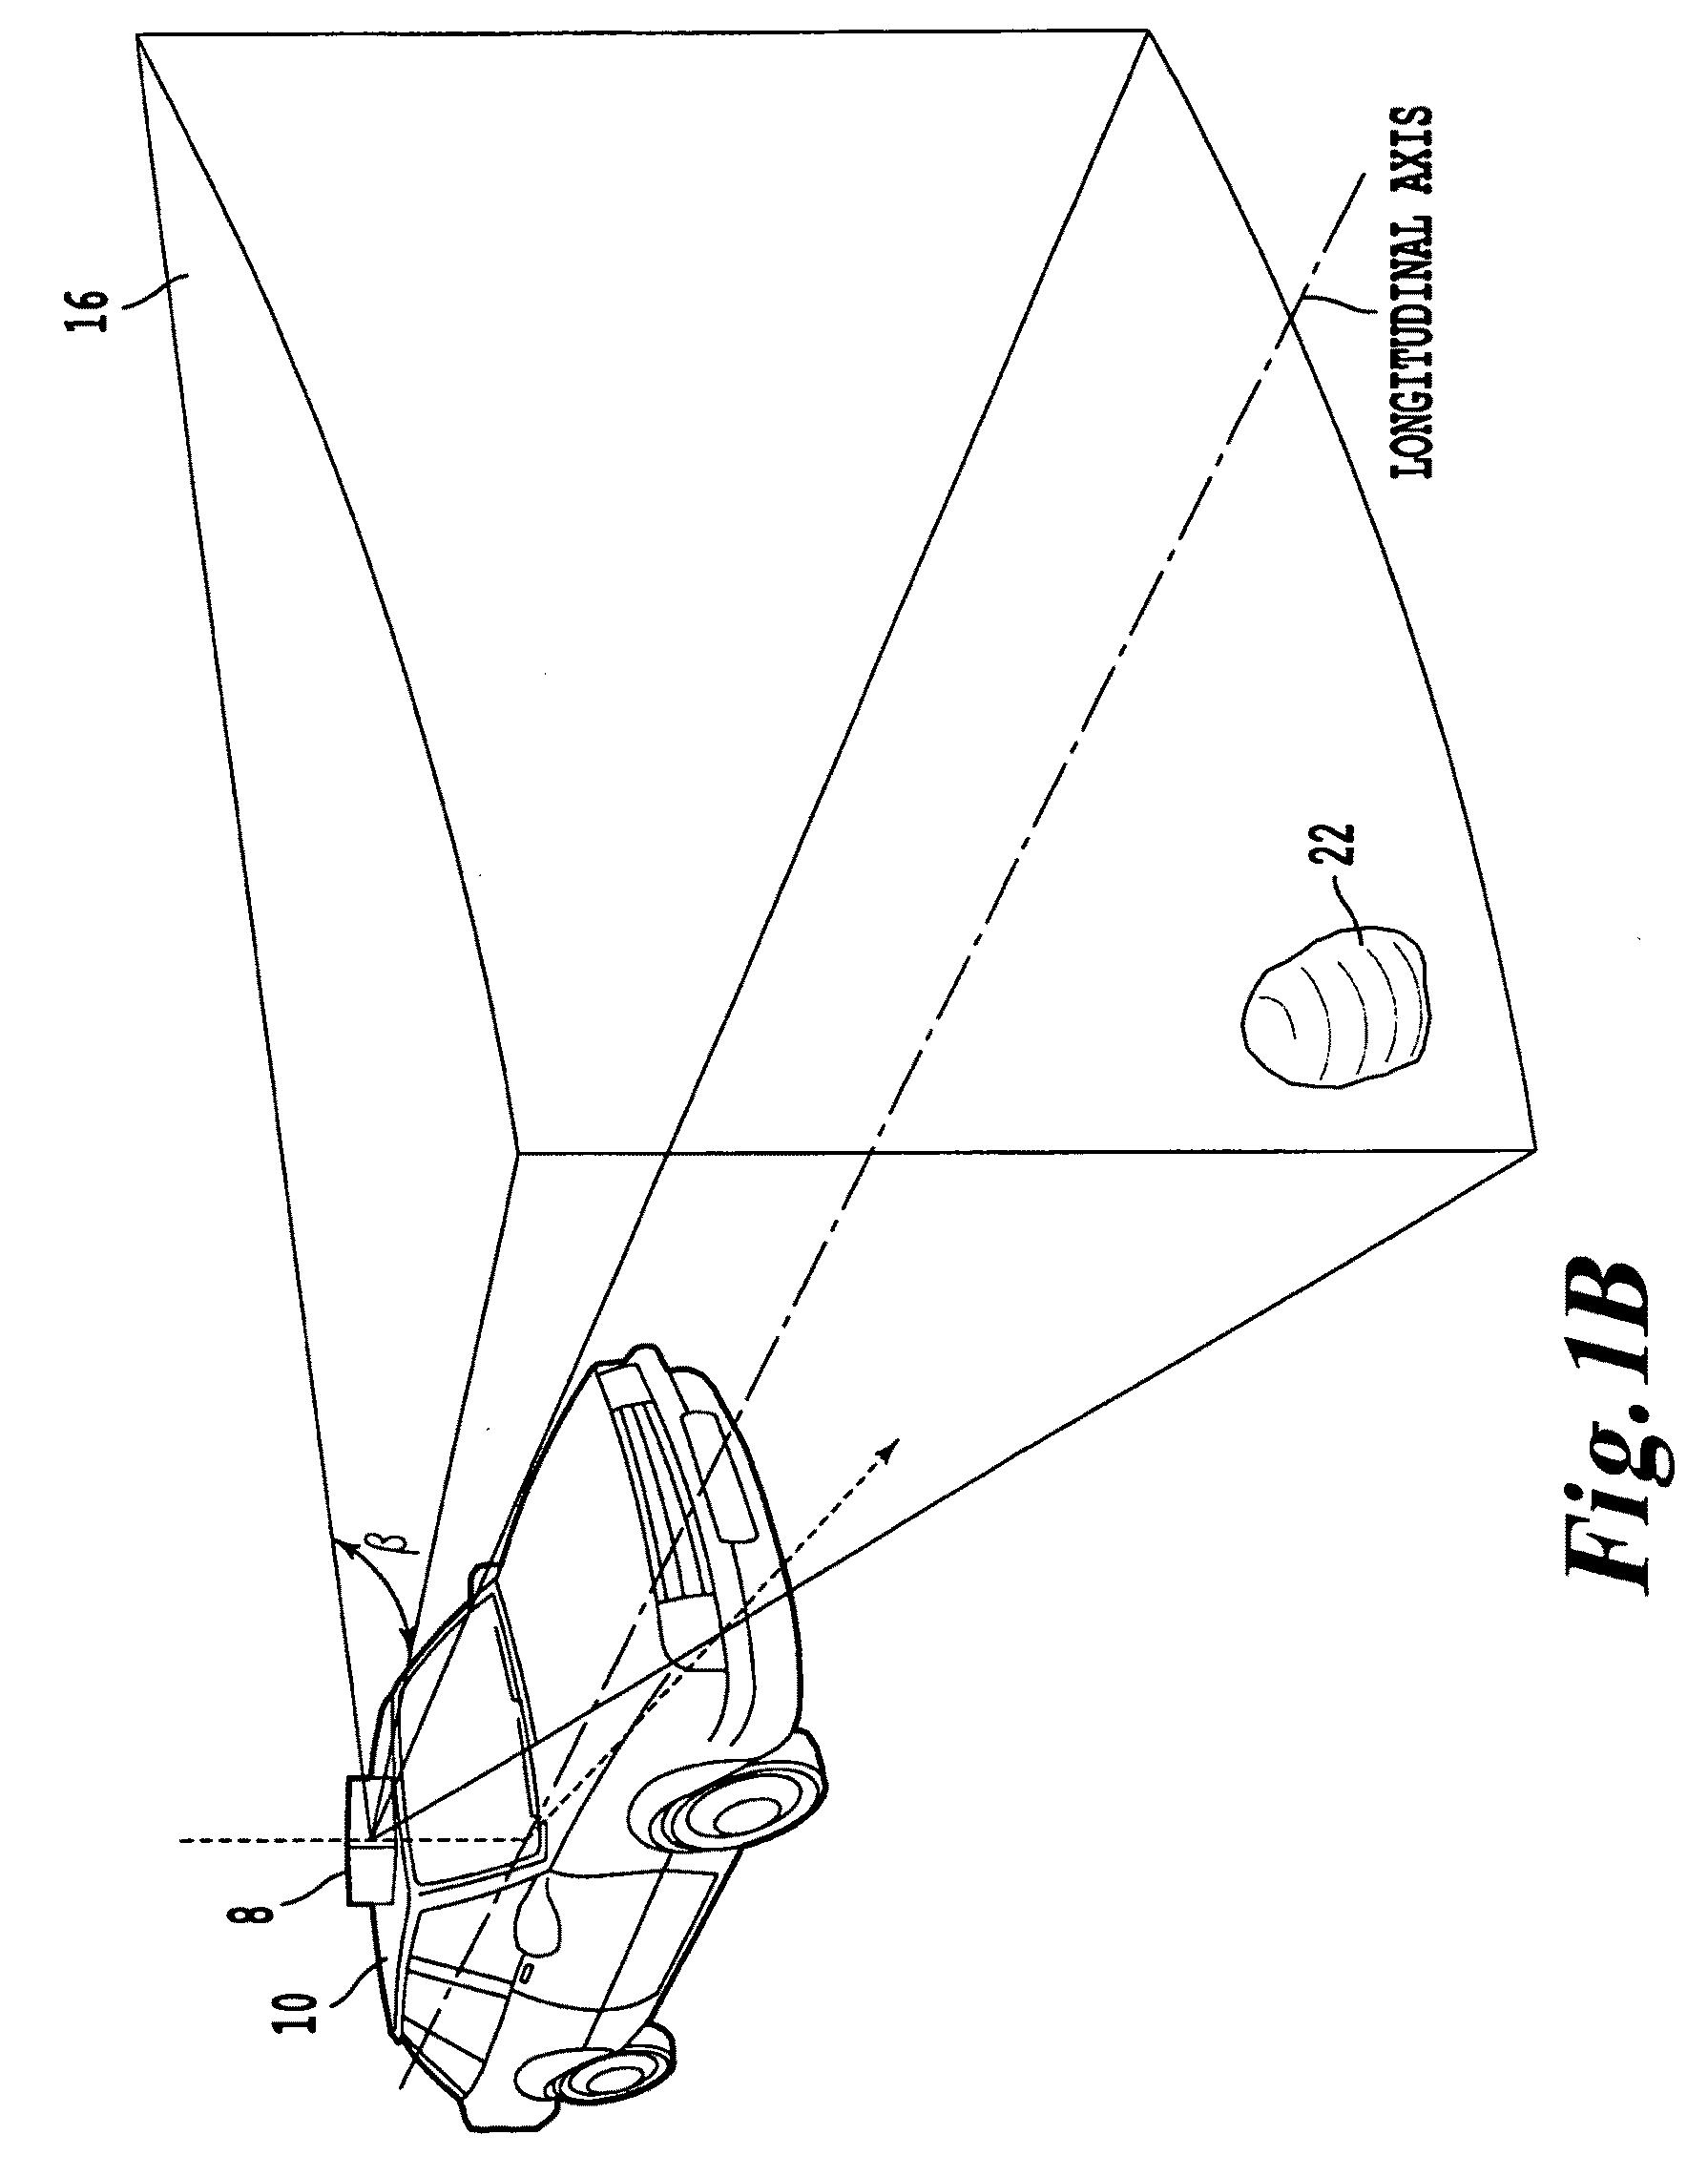 Parking Ke Diagram, Parking, Free Engine Image For User